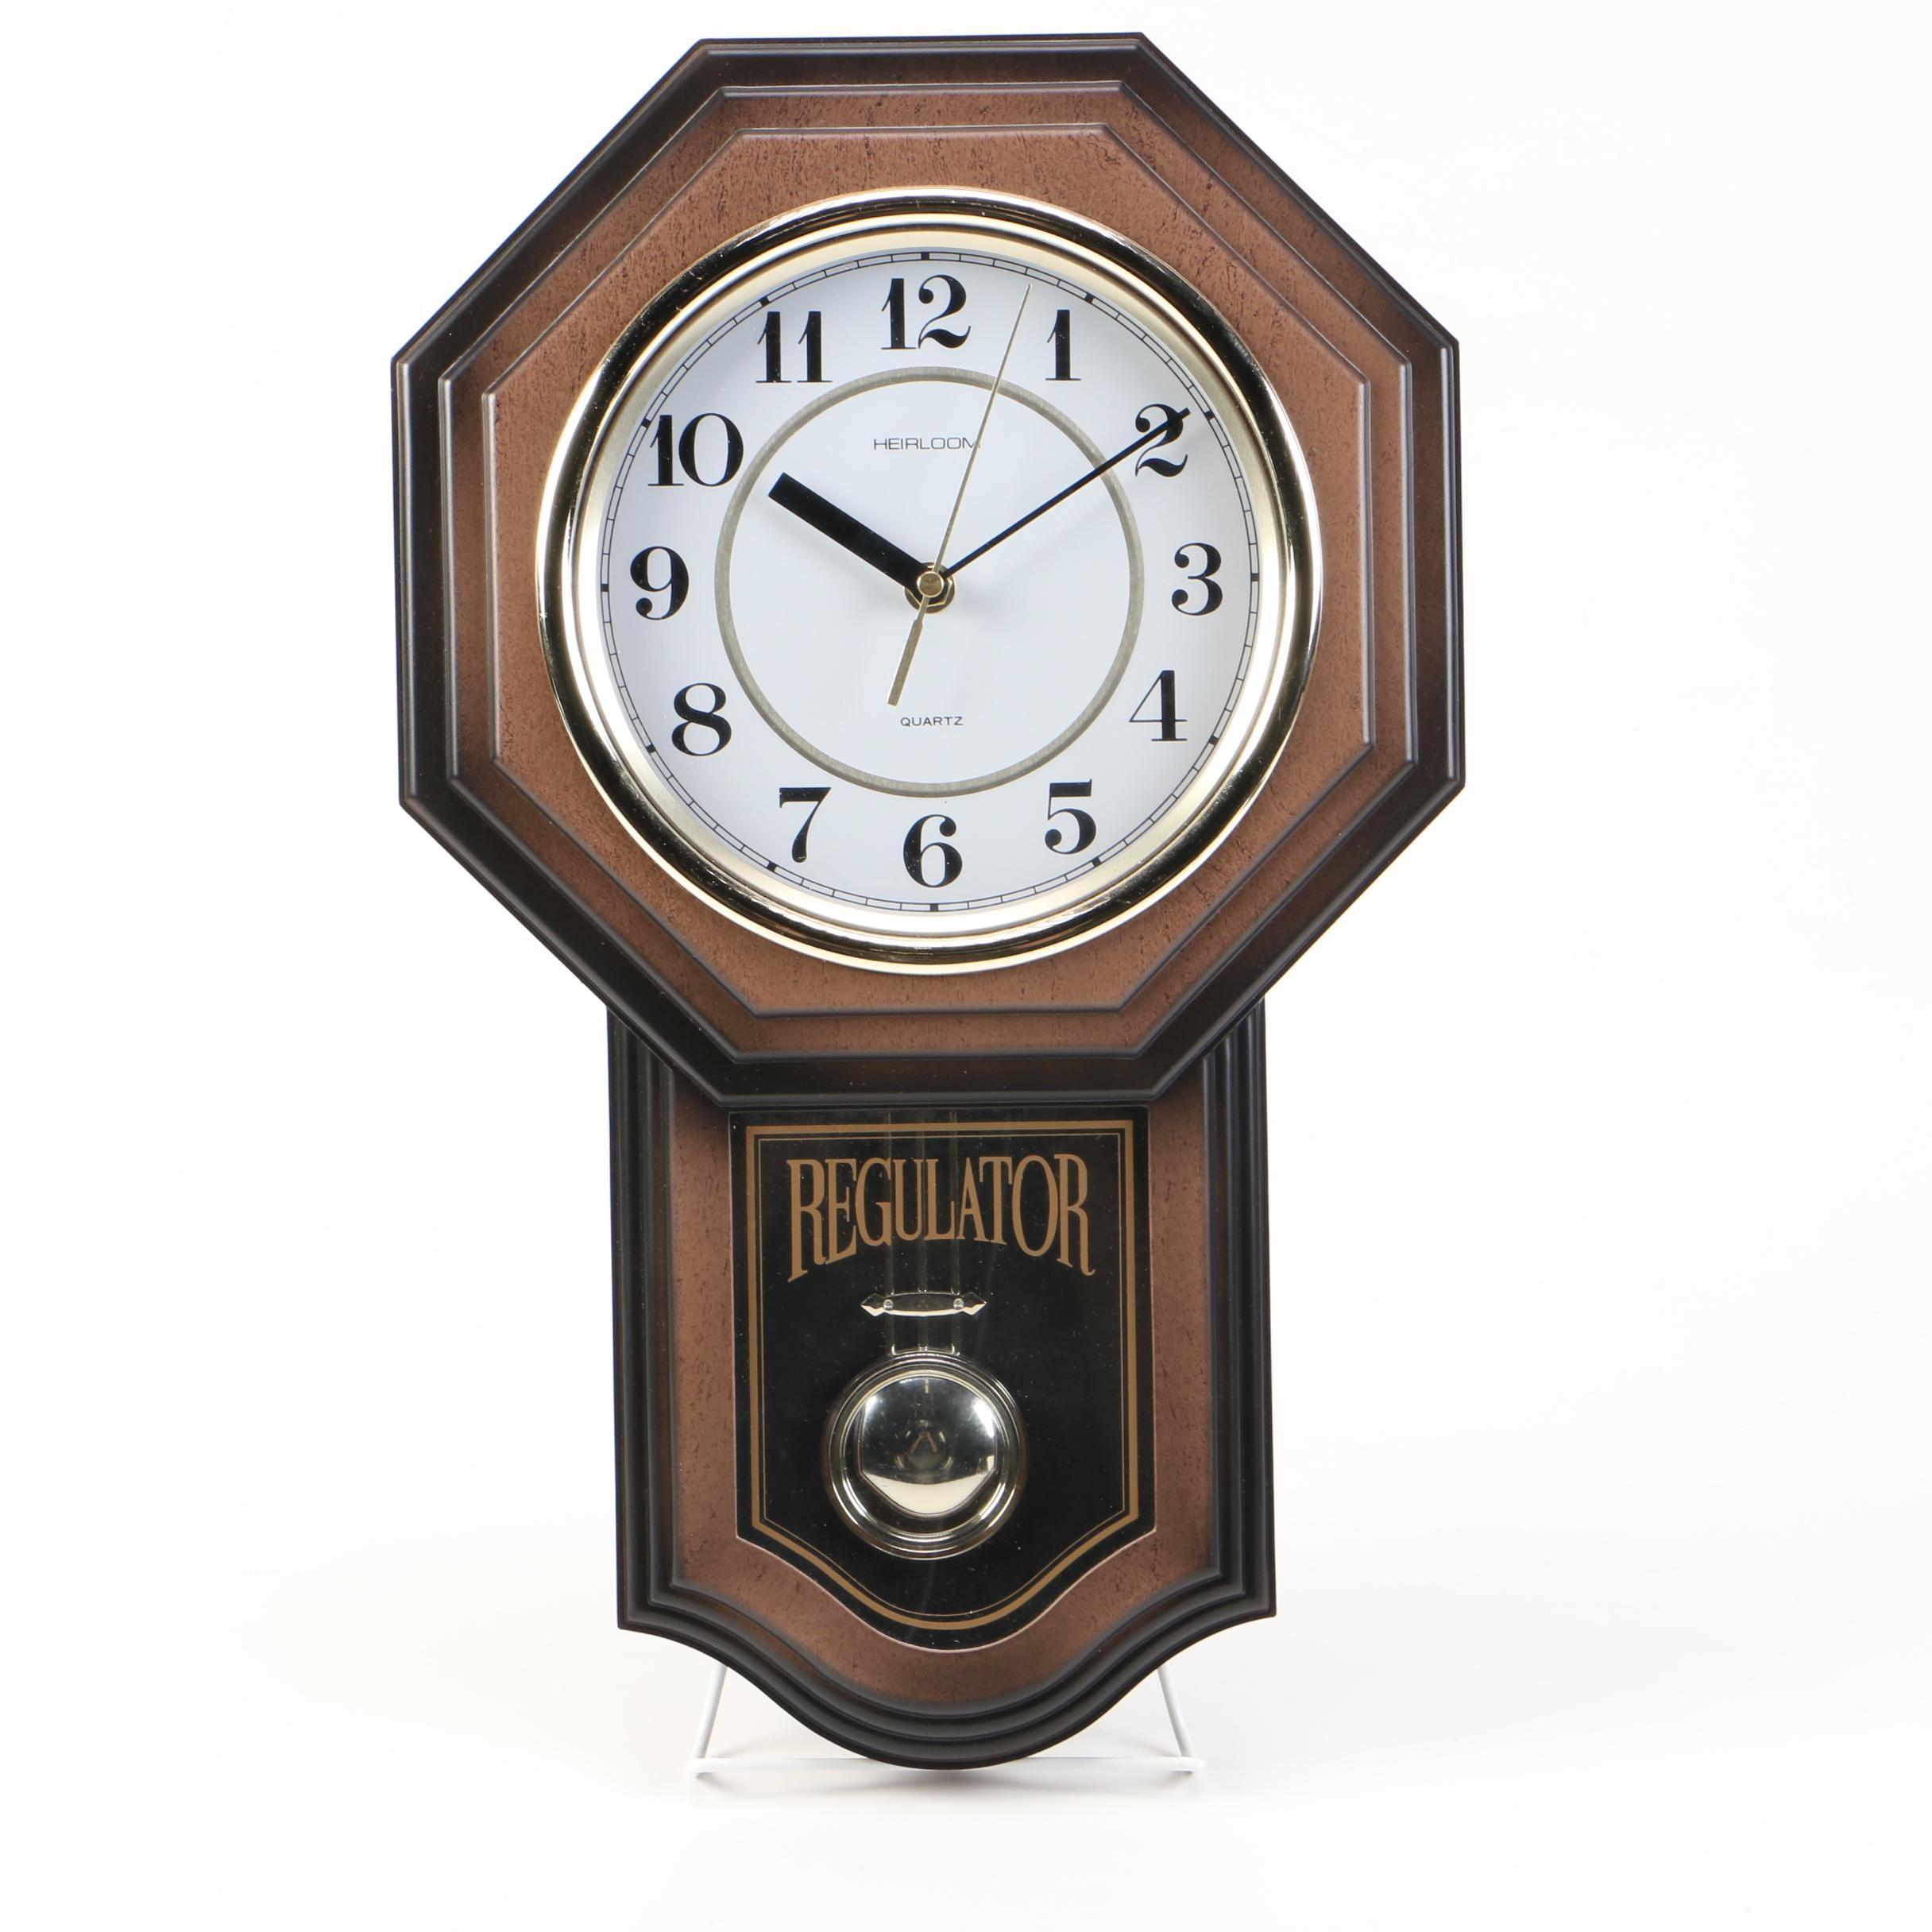 Regulator Wall Clock